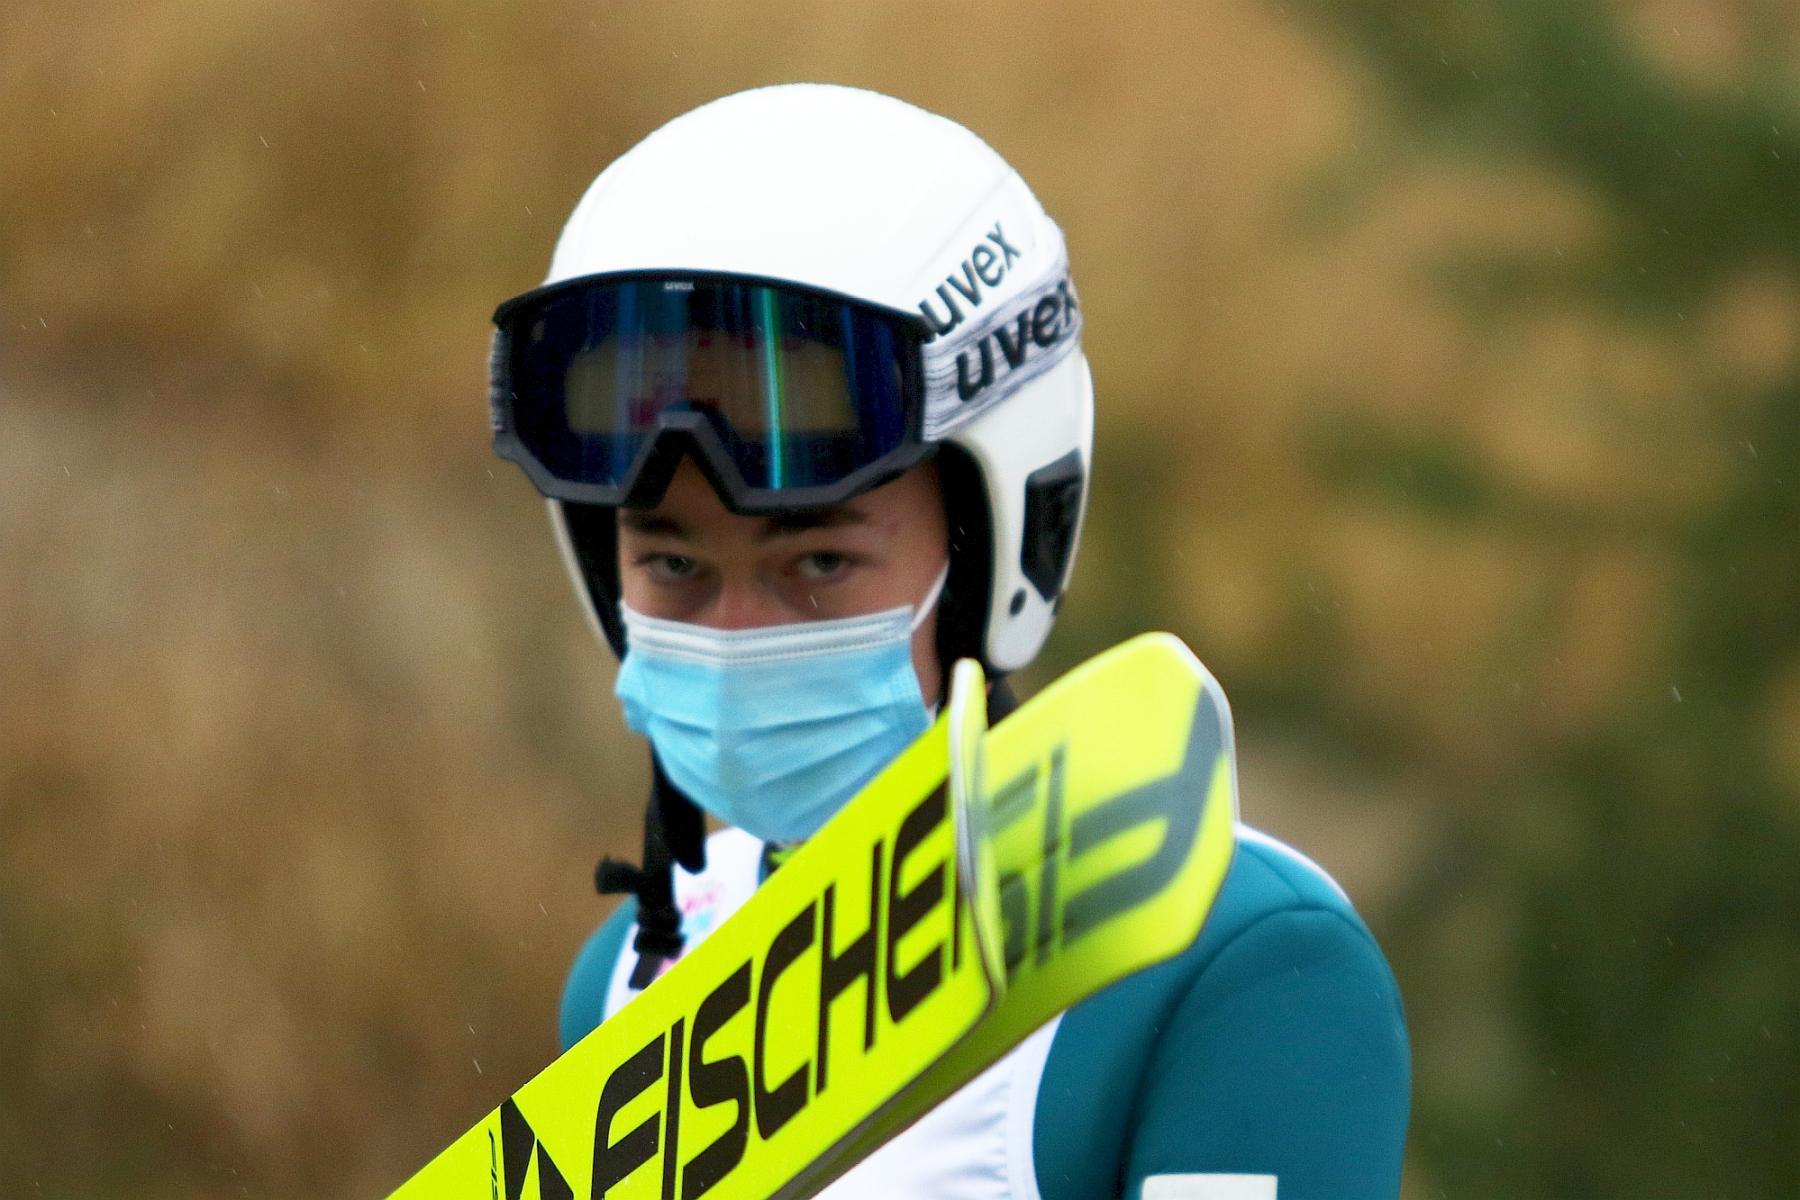 MistrzostwaPolski Wisla2020 Panowie fot 5 - FIS Cup Villach: Ortner zwycięzcą sobotniego konkursu, Polacy nie zachwycili